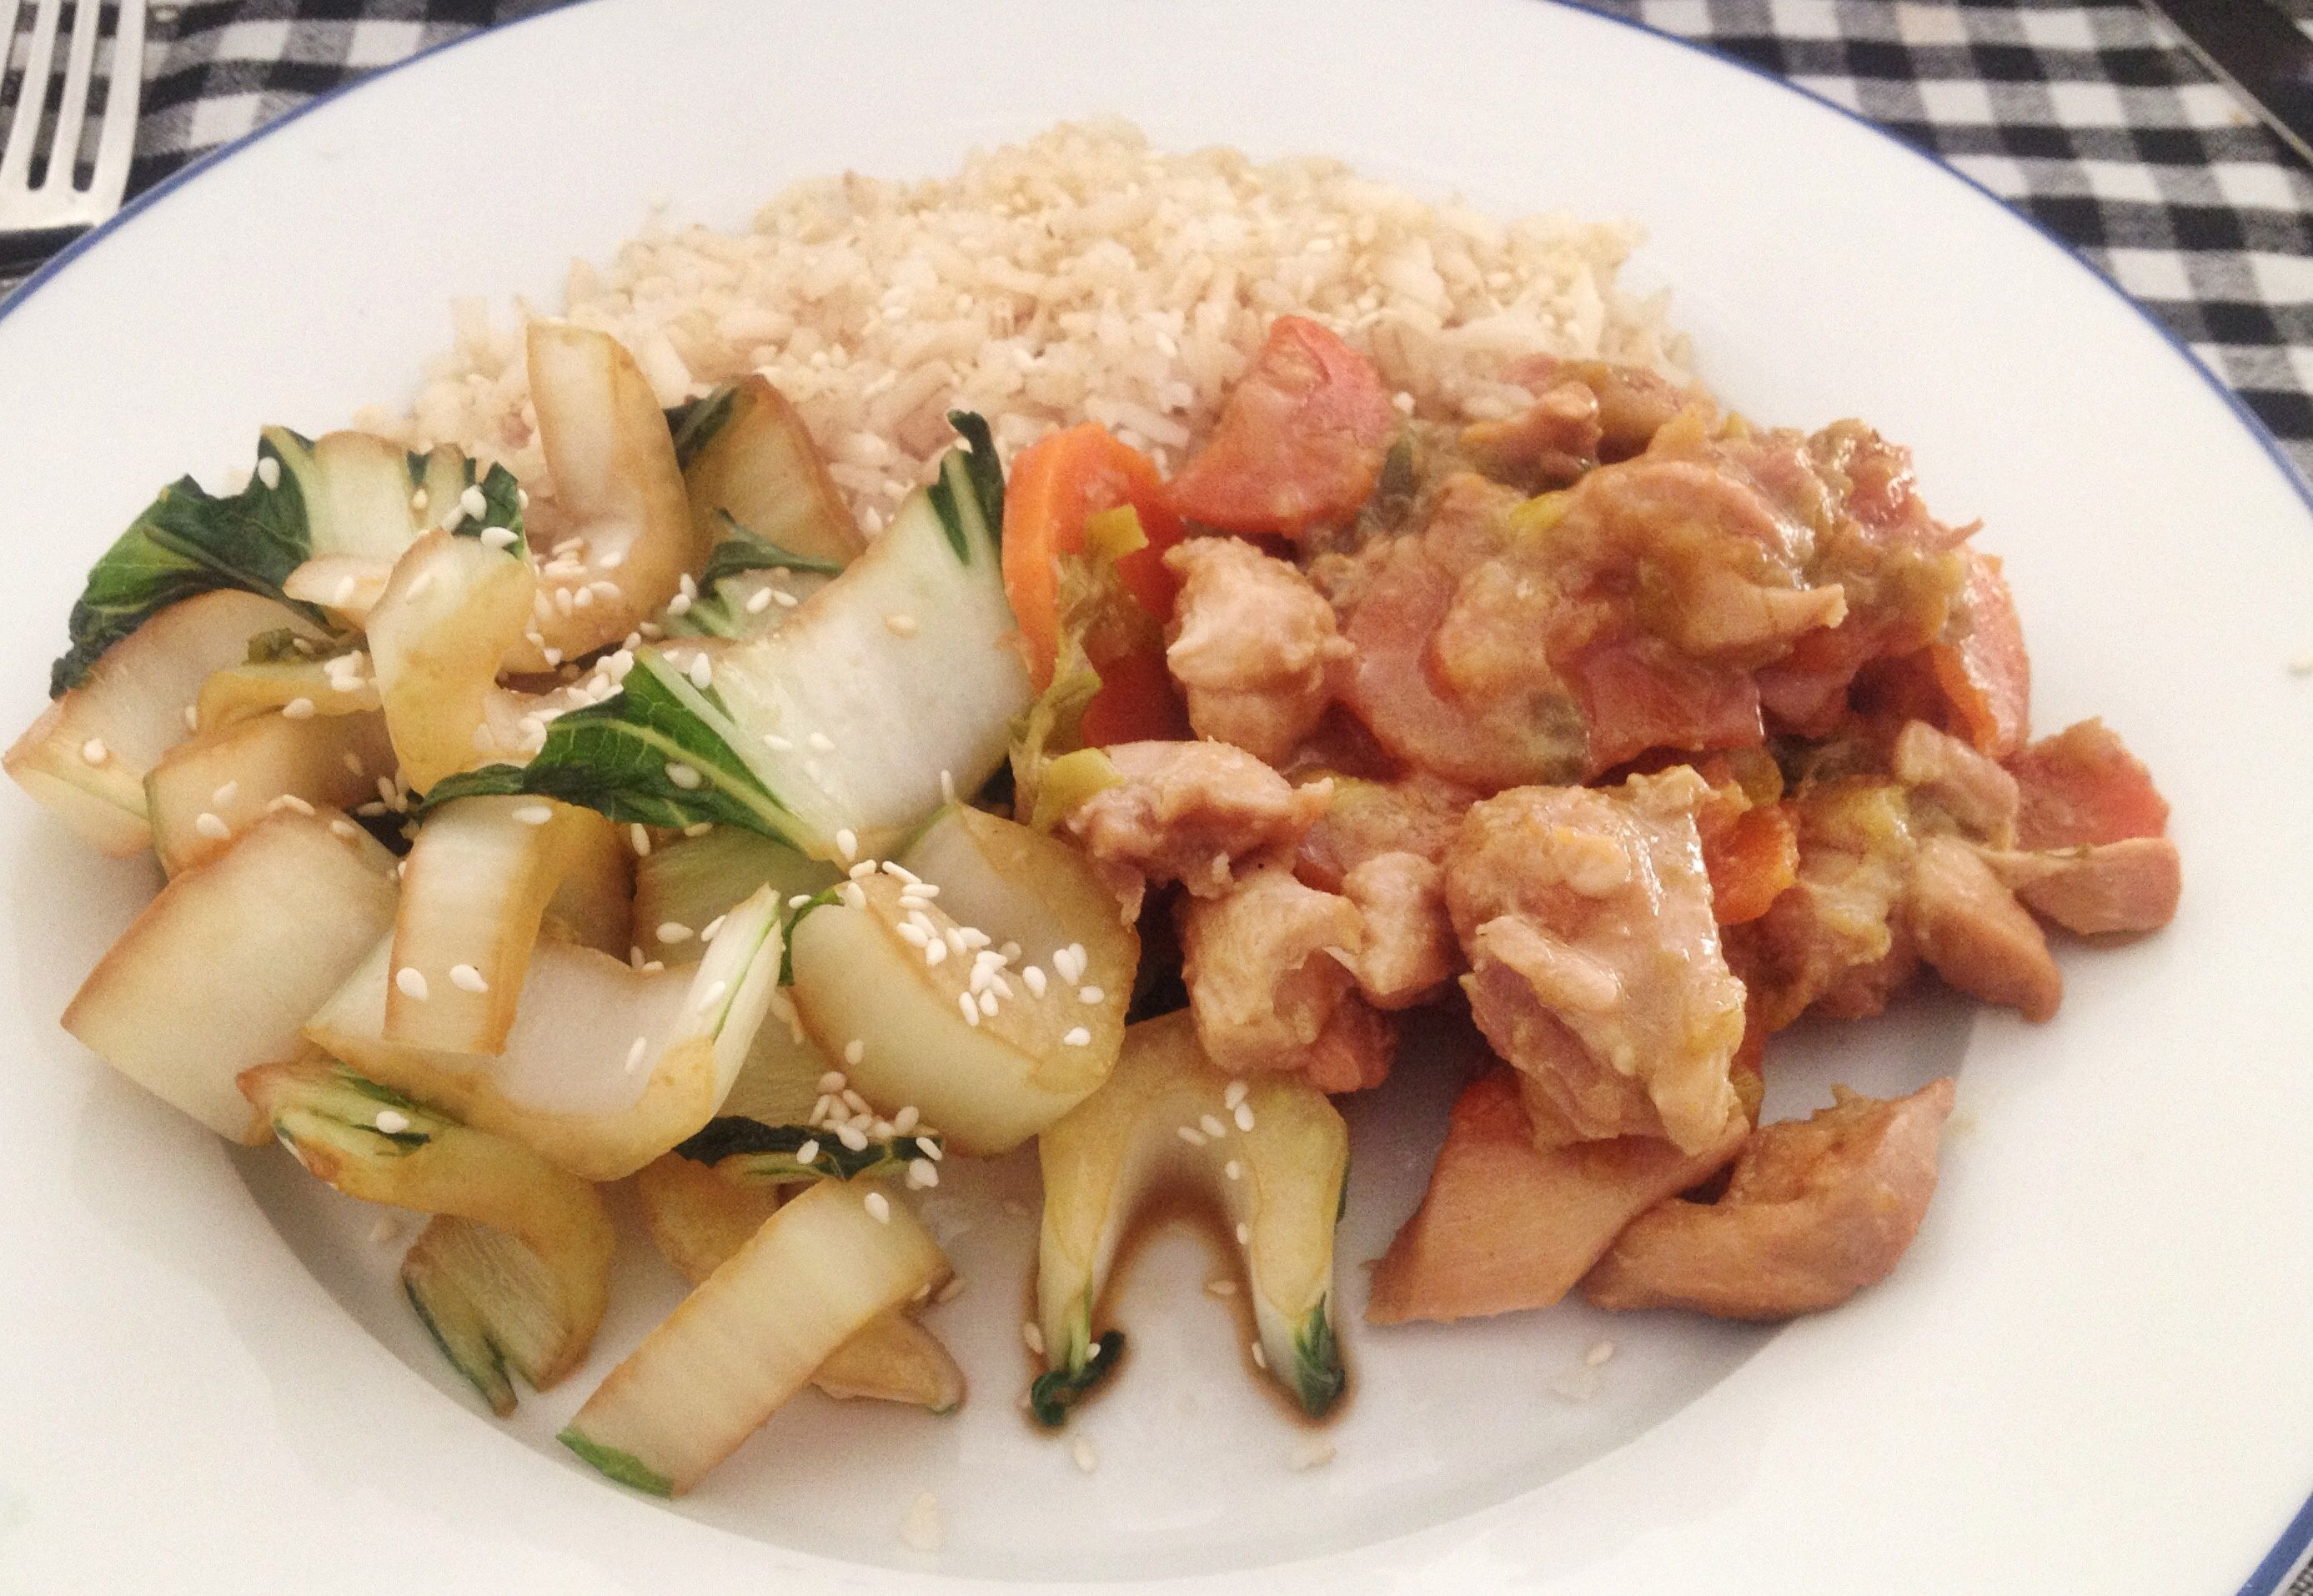 Lekker zoet door de wortel en hartig door de sojasaus. Een ideale stoofschotel met kip voor het hele gezin. Met zilvervliesrijst en paksoi een makkelijke, snelle maaltijd.